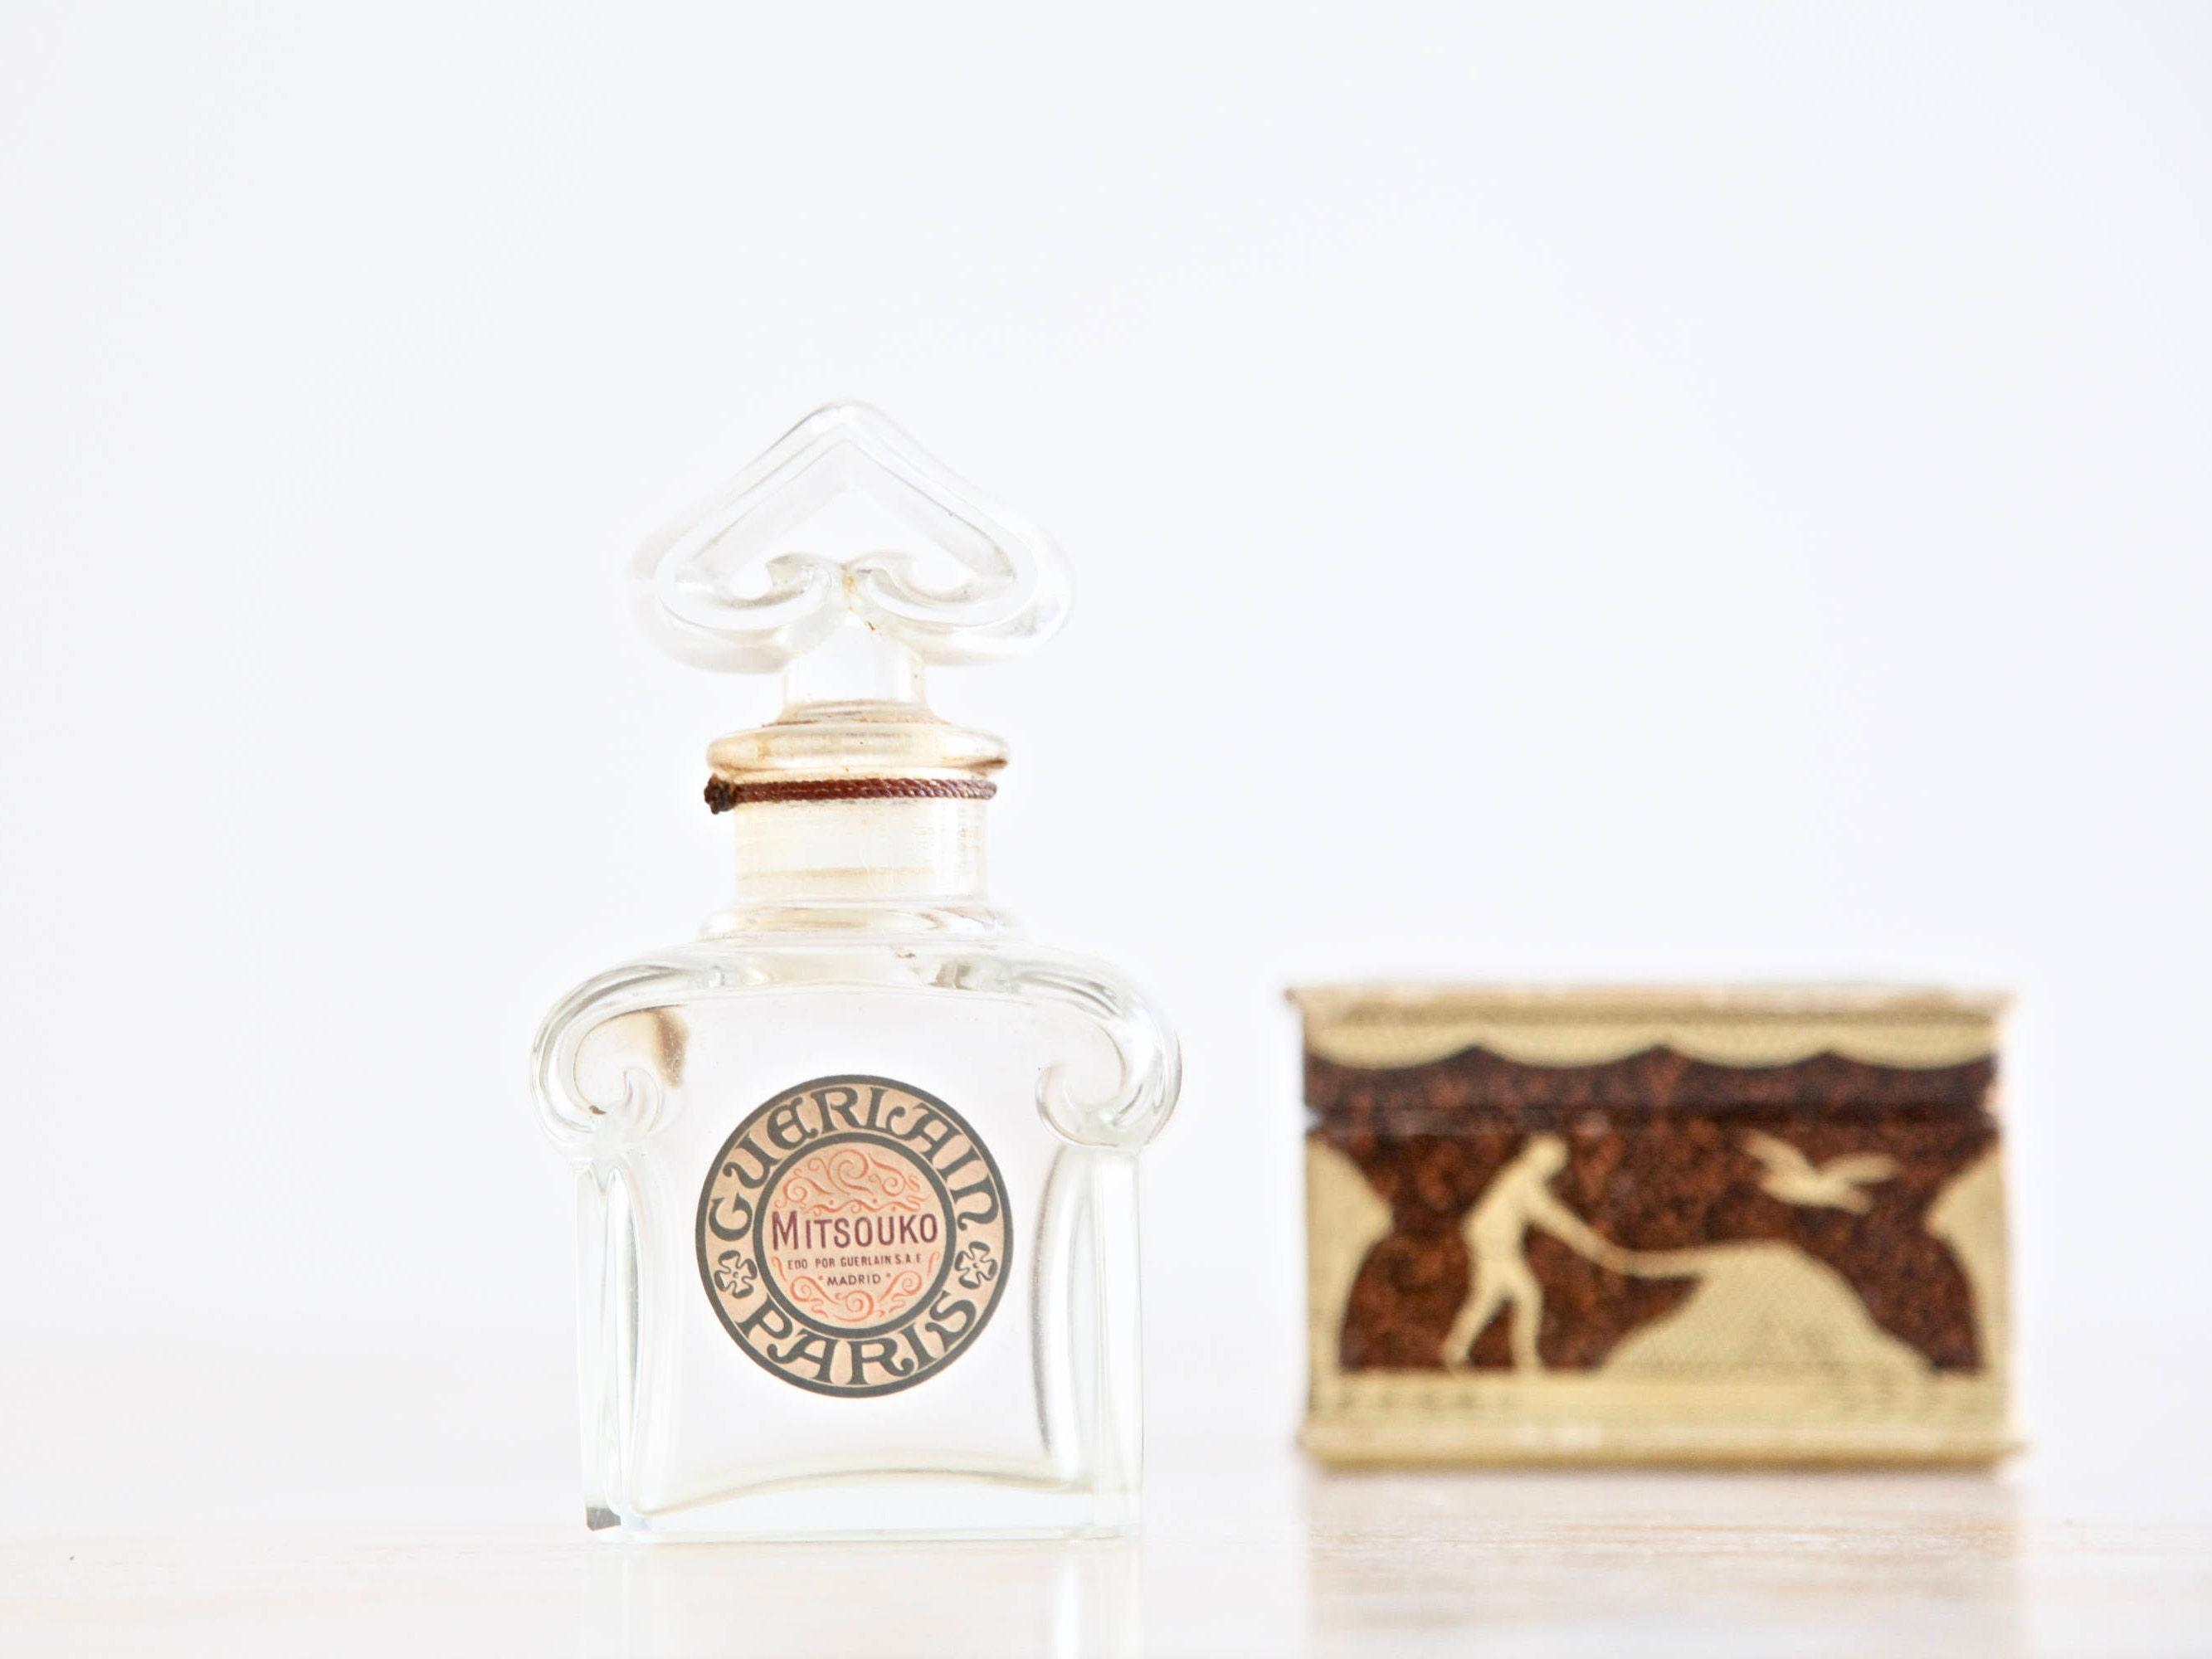 GuerlainVide Guerlain BoîteBouteille Flacon Ancien Parfum Vintage De Et Mitsouko Kc5ul31TFJ